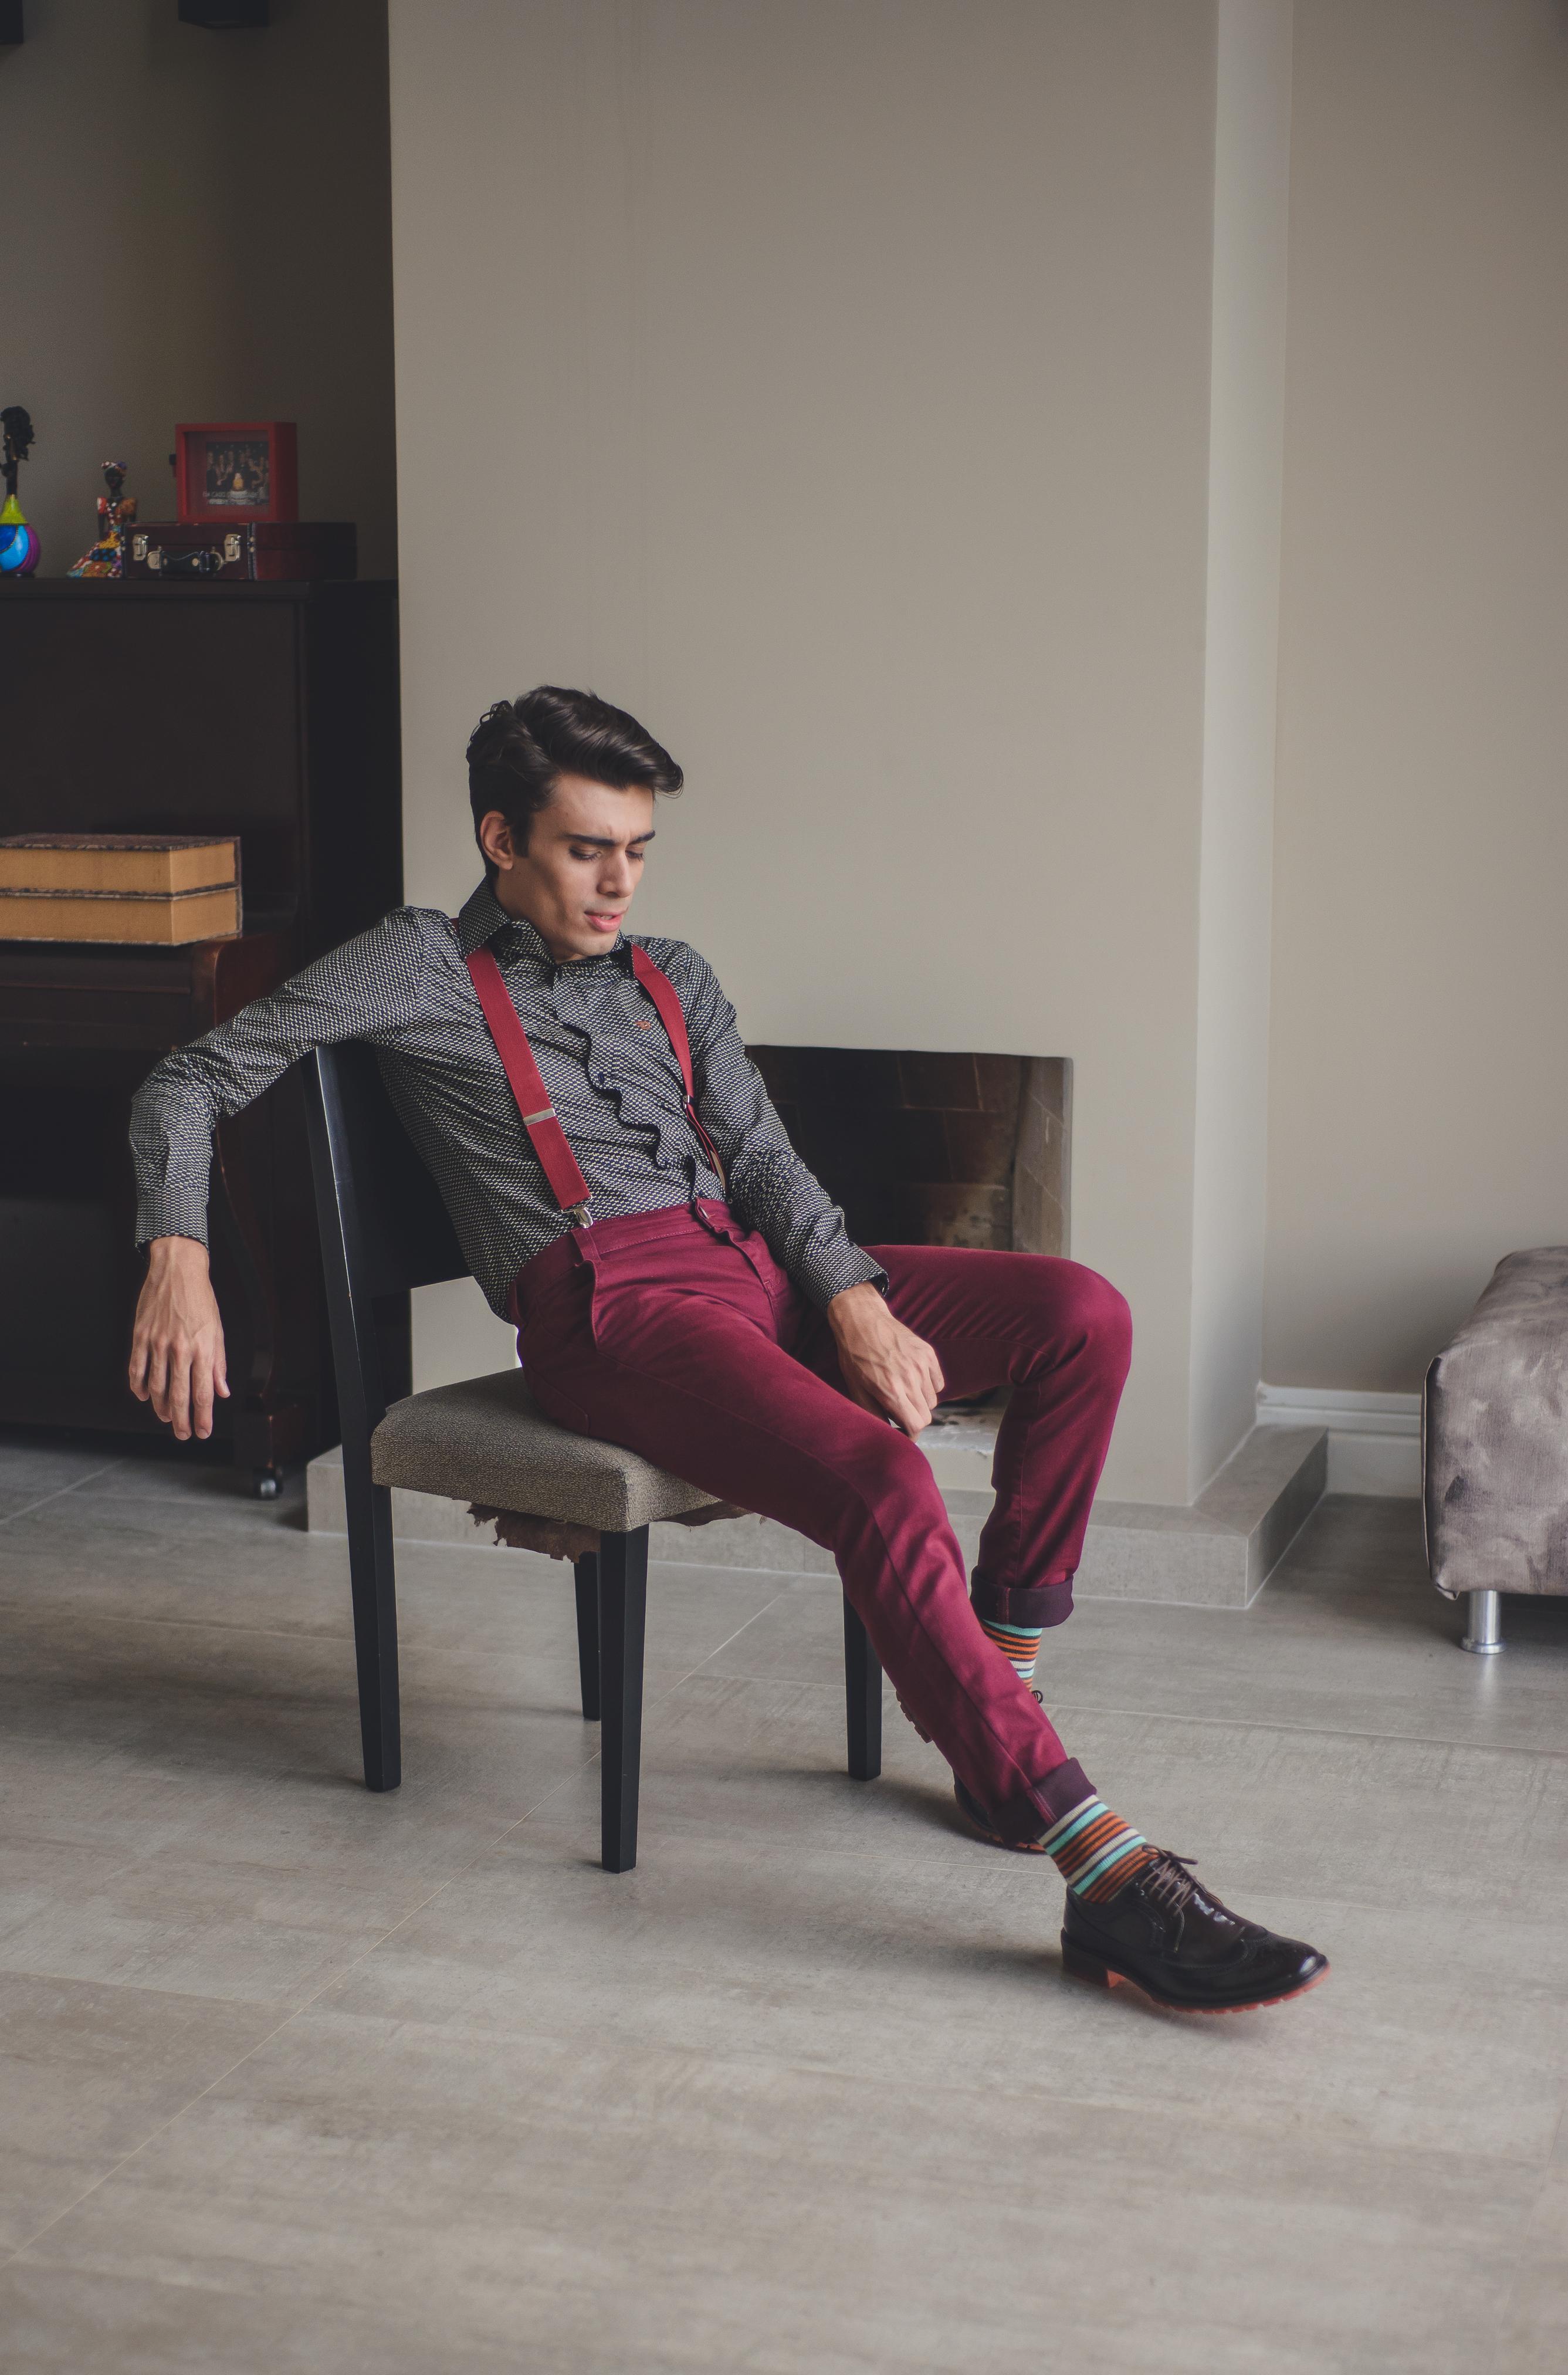 alex-cursino-youtuber-blogger-fashion-blogger-ootd-moda-classica-suspensorio-masculino-como-usar-suspensorio-rafaella-santiago-matheus-komatsu-editorial-de-moda-menswear-dicas-de-moda-7